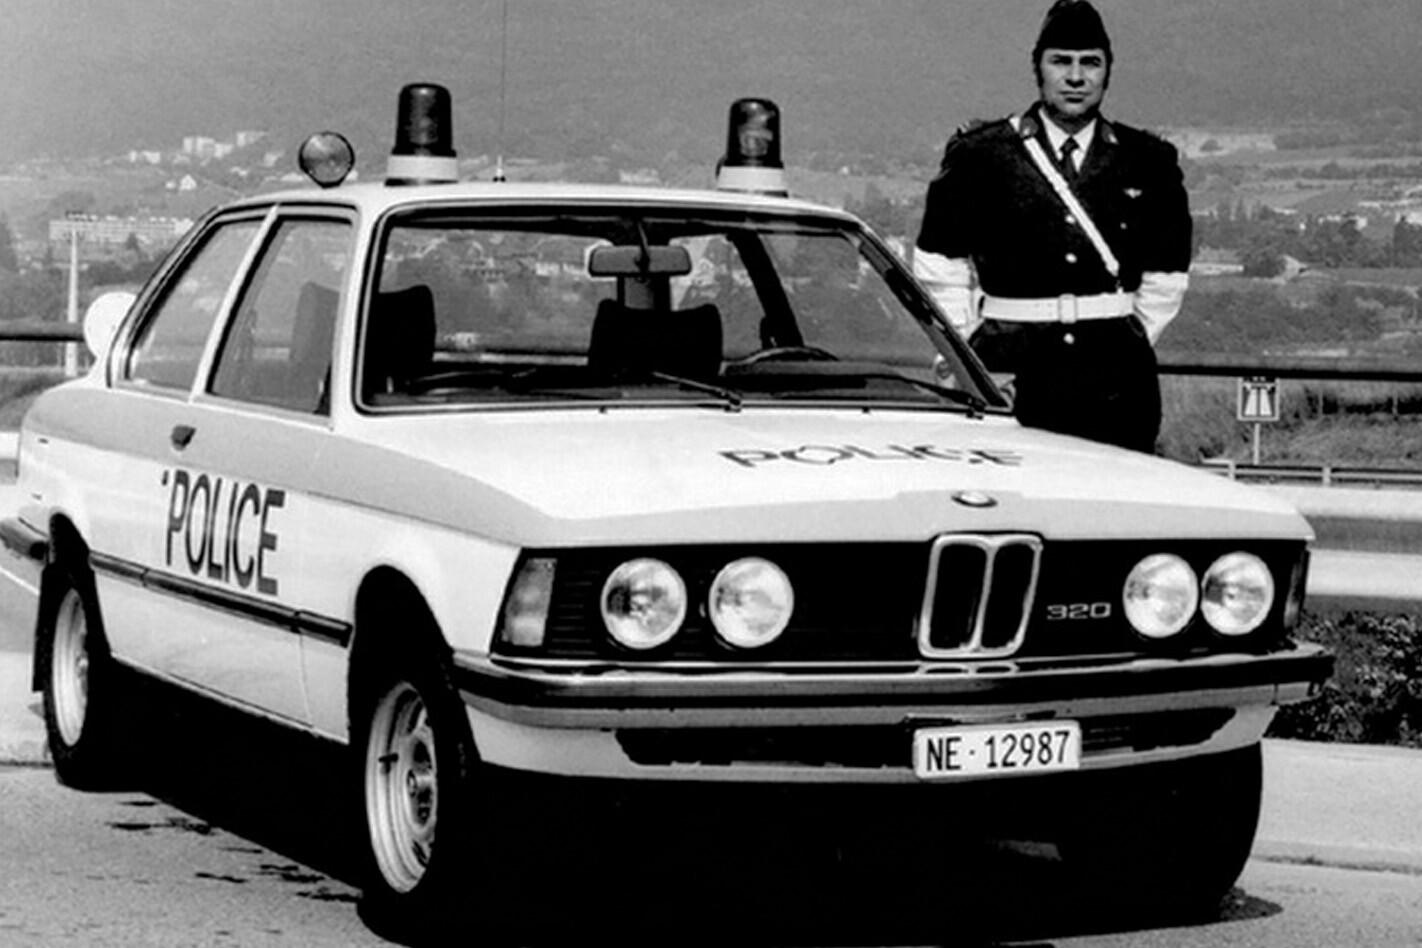 E21 BMW 320 police